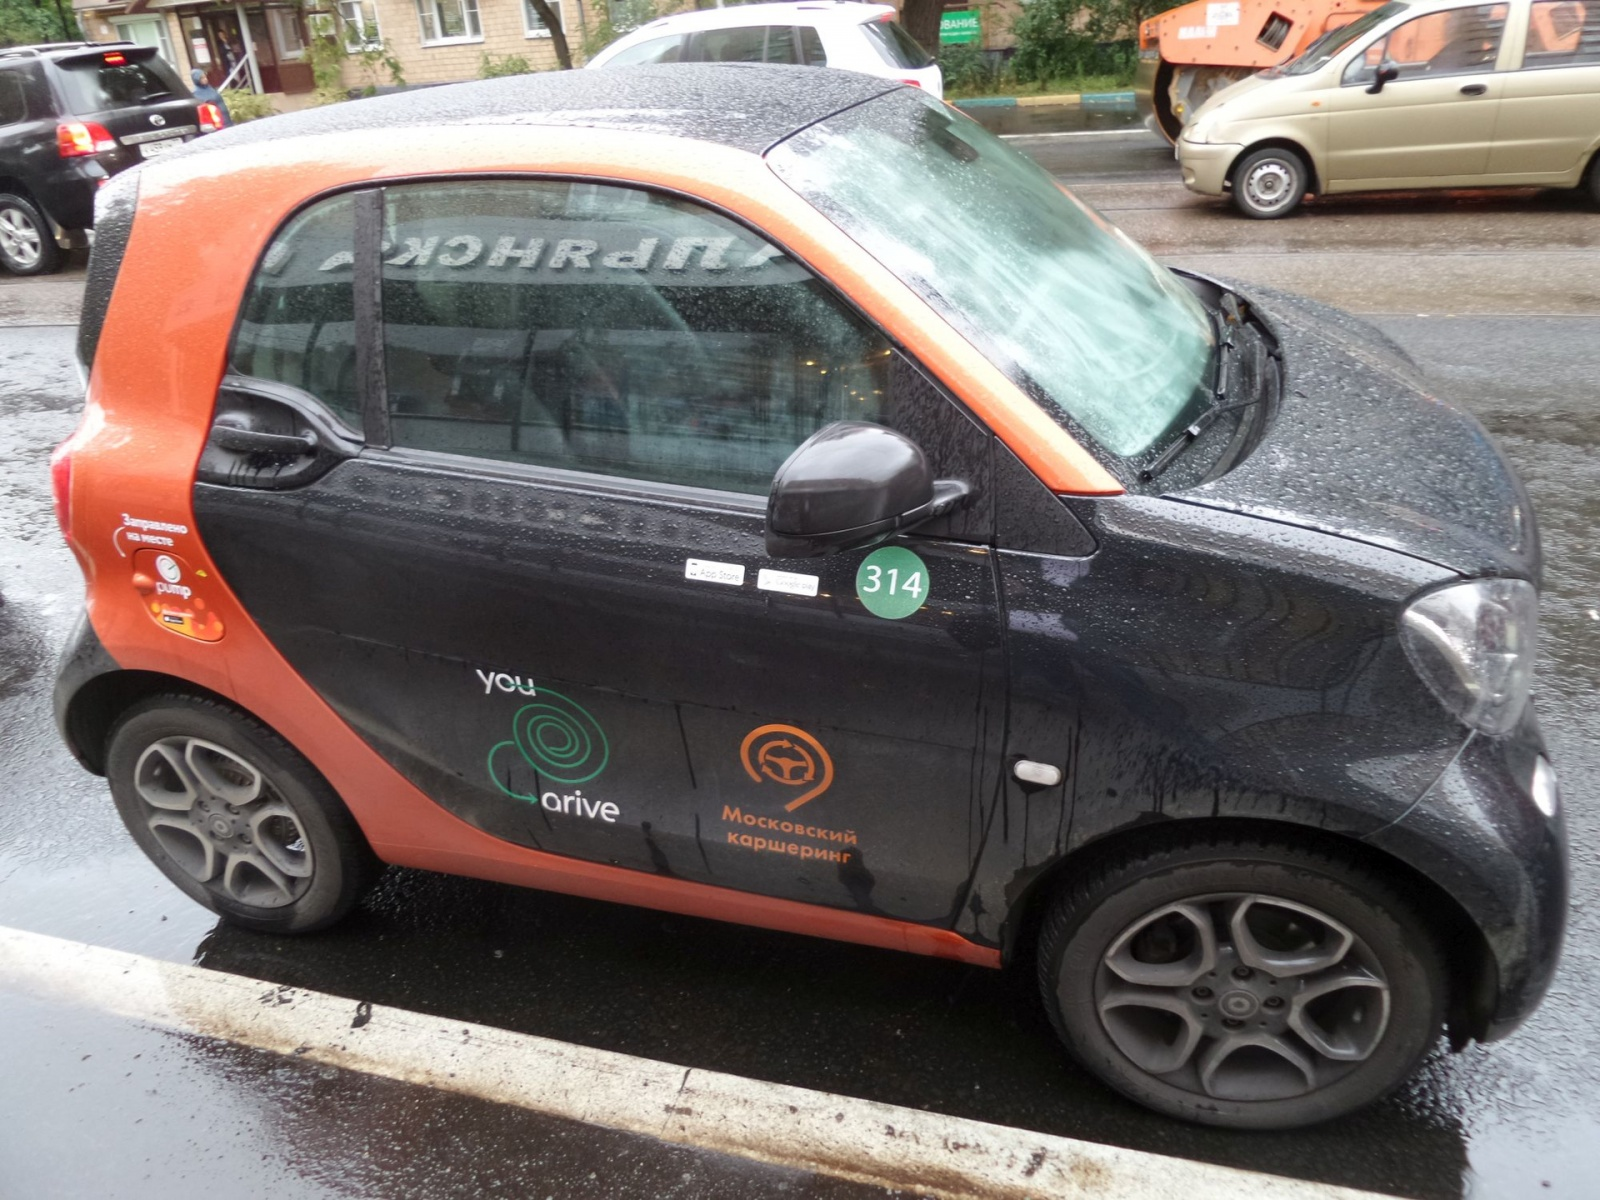 Без машины на машине: сравнительный обзор услуг каршеринга в Москве - сентябрь 2017 - 12